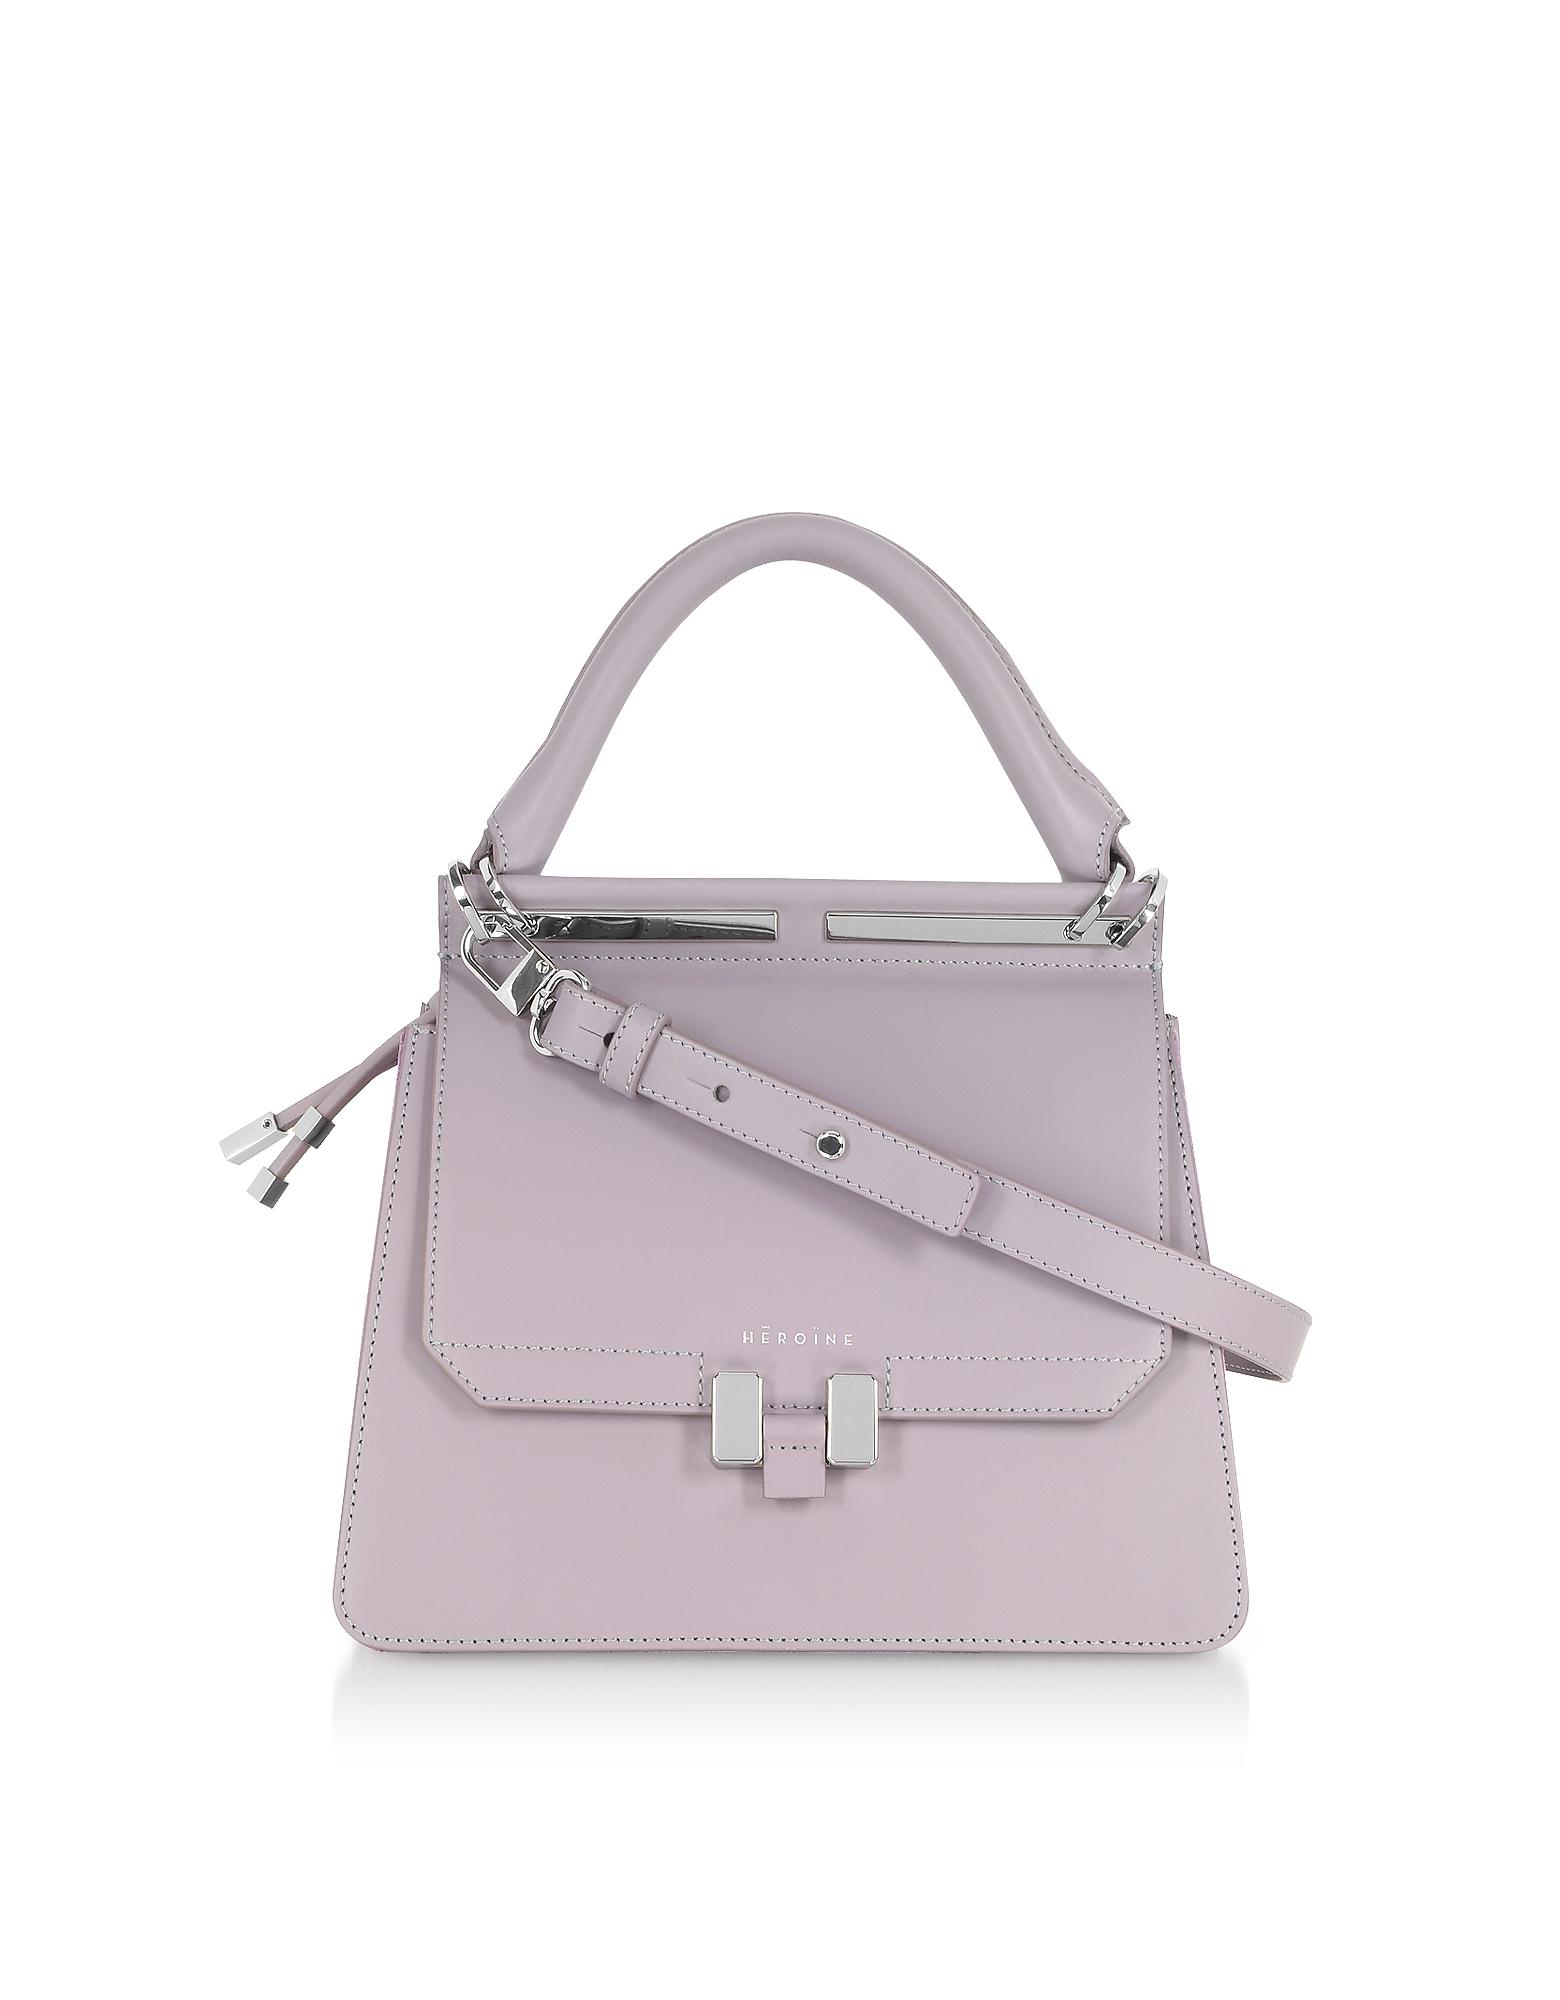 Maison Héroïne Handbags, Lilac Marlene Mini Tablet Satchel Bag